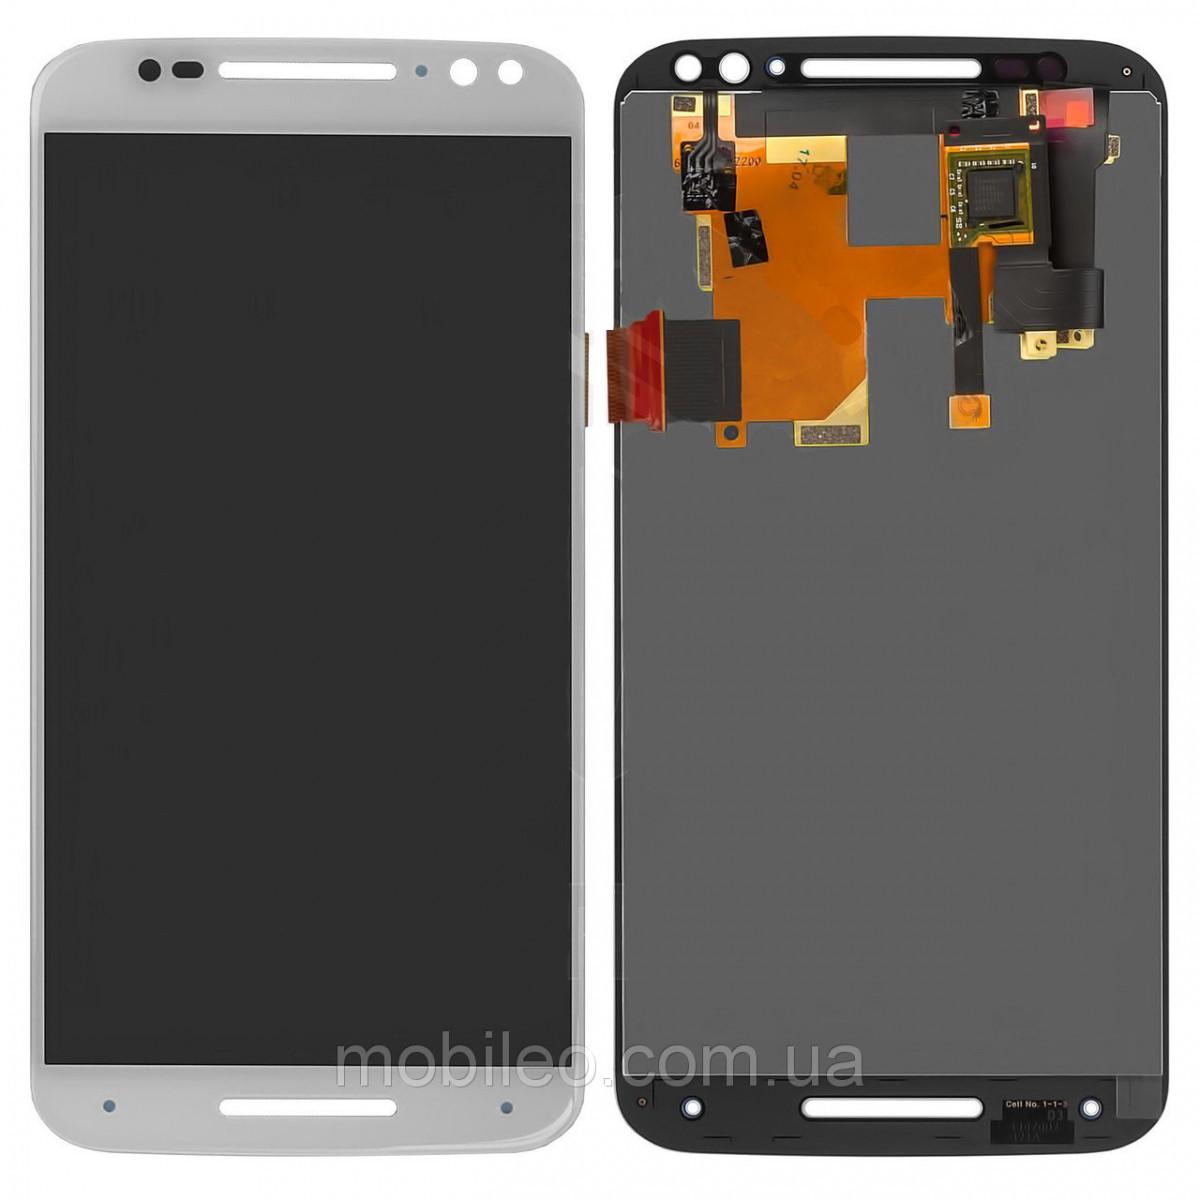 Дисплей (LCD) Motorola XT1572 Moto X Style | XT1570 | XT1575 с тачскрином, белый оригинал (PRC)